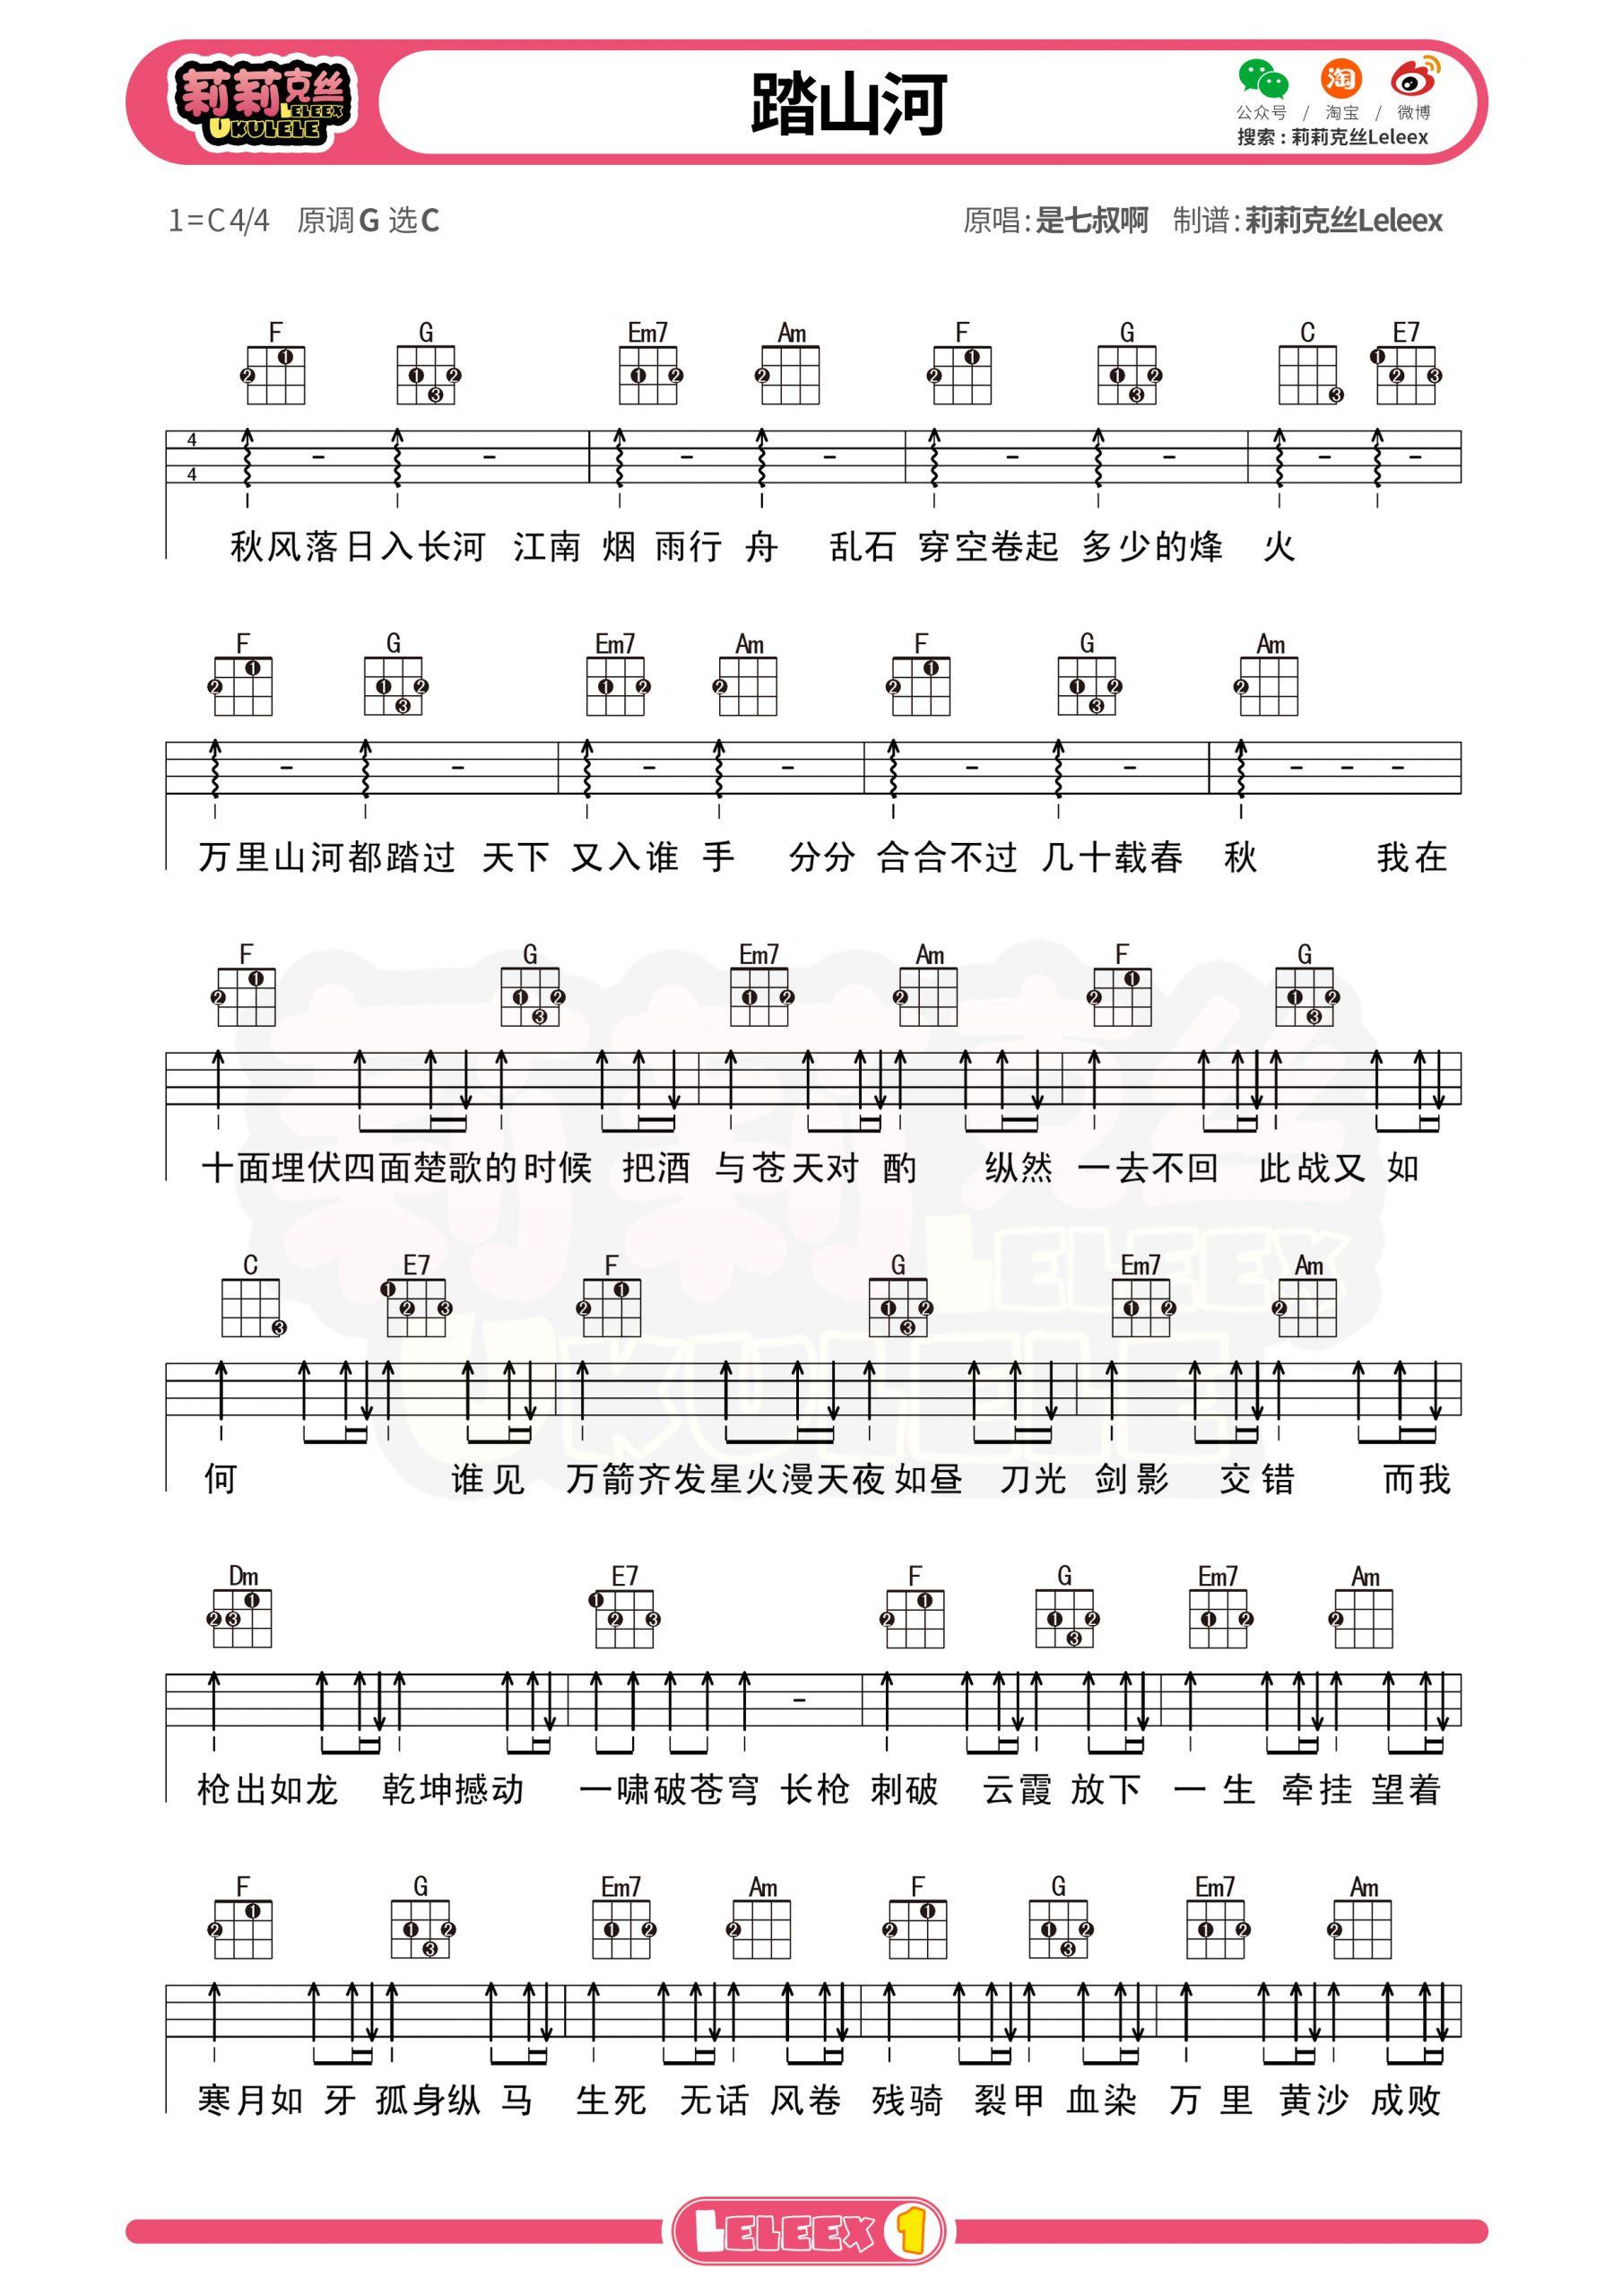 《踏山河》尤克里里弹唱曲谱-是七叔啊 莉莉克丝Leleex